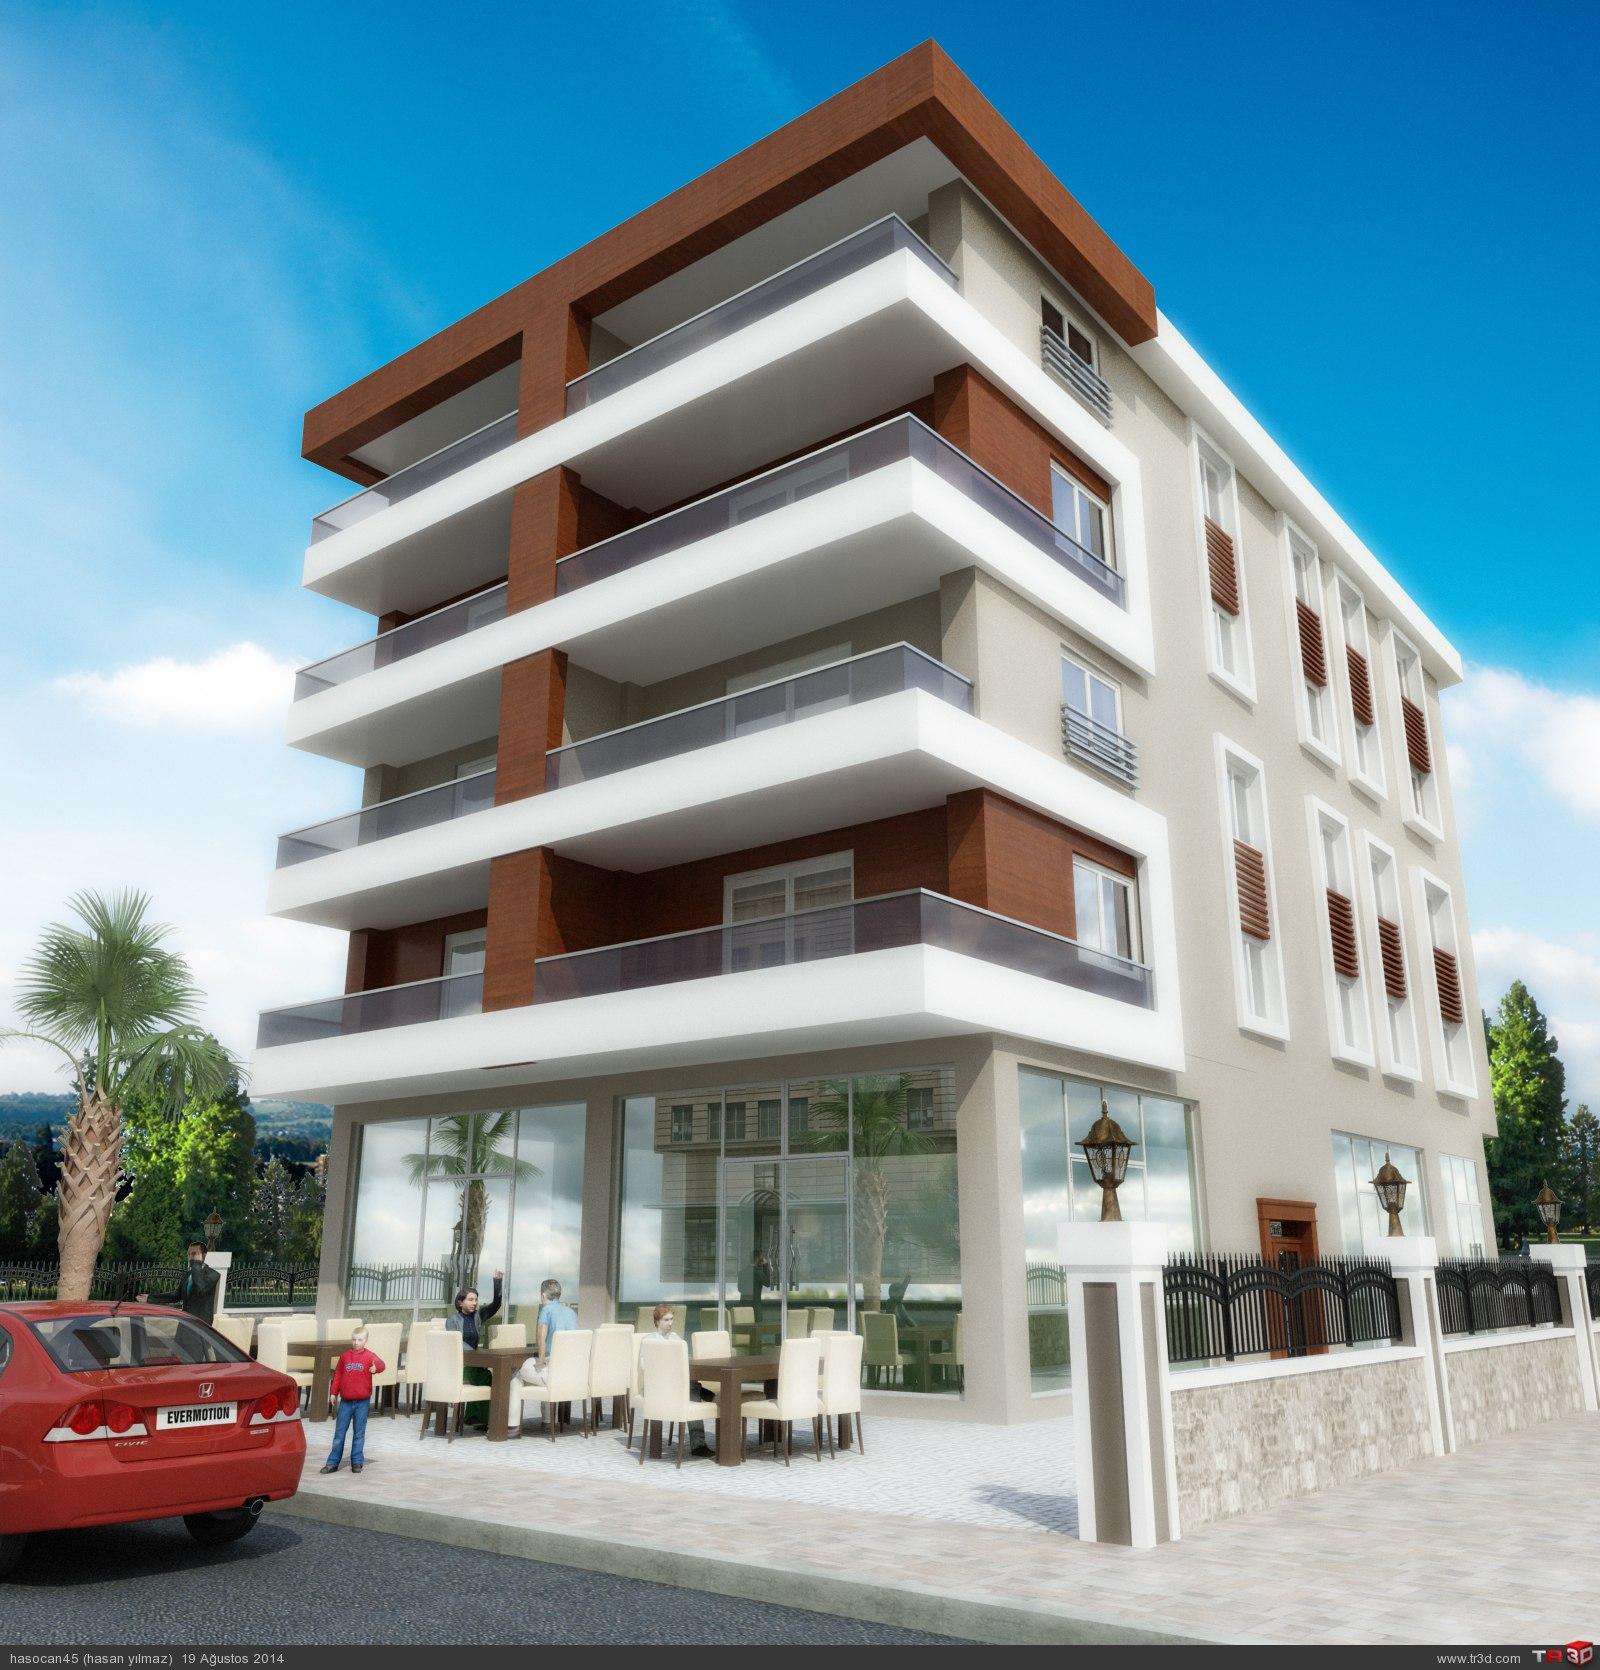 Alaşehir 3d 1